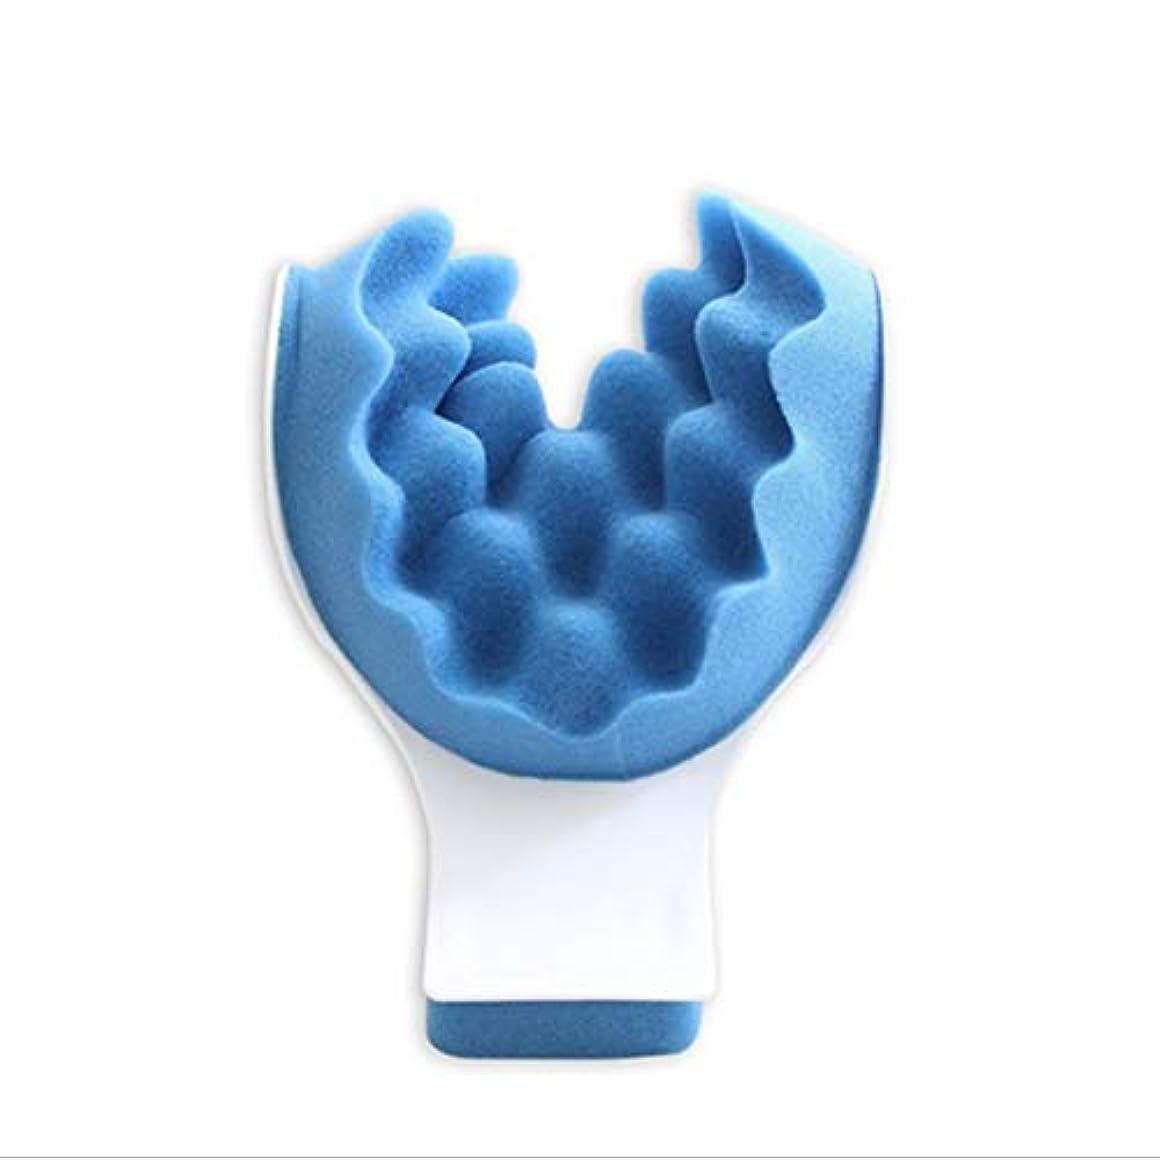 目に見える脈拍回答マッスルテンションリリーフタイトネスと痛みの緩和セラピーティックネックサポートテンションリリーフネック&ショルダーリラクサー - ブルー